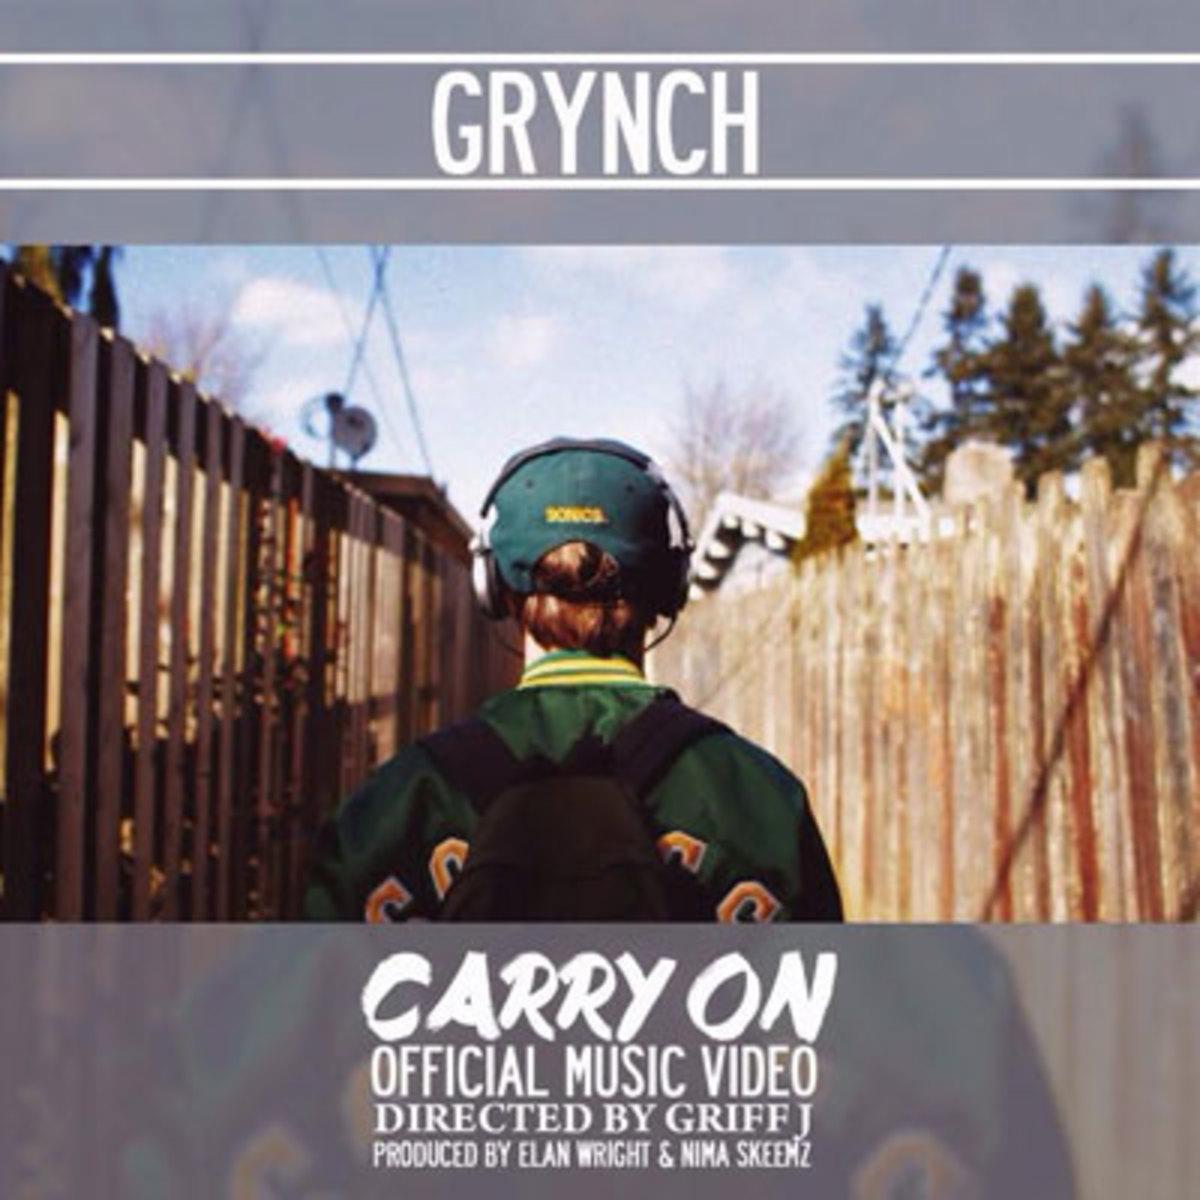 grynch-carryon.jpg